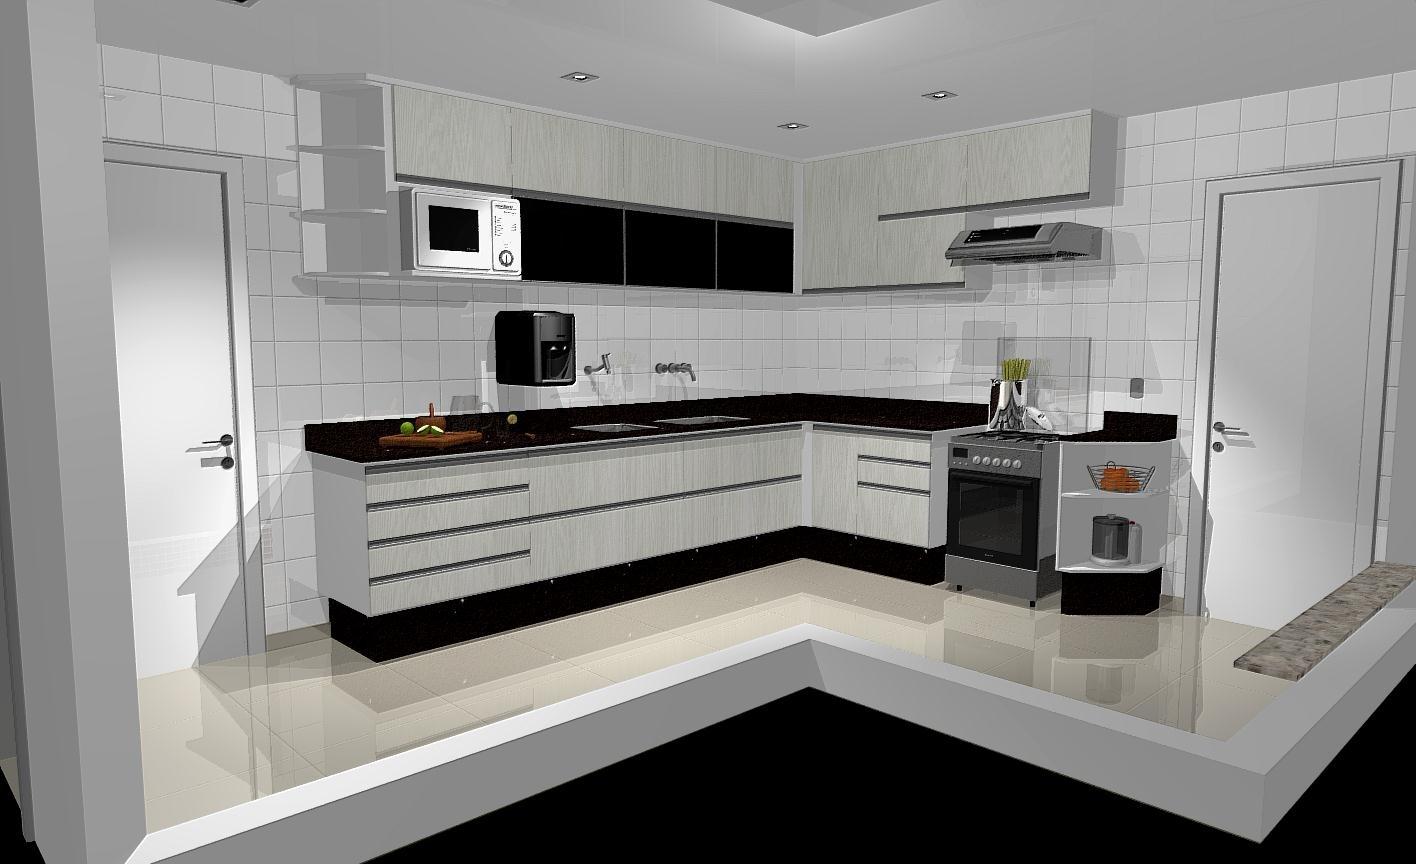 31 modelos incríveis de cozinhas planejadas pequenas #66442D 1416 864